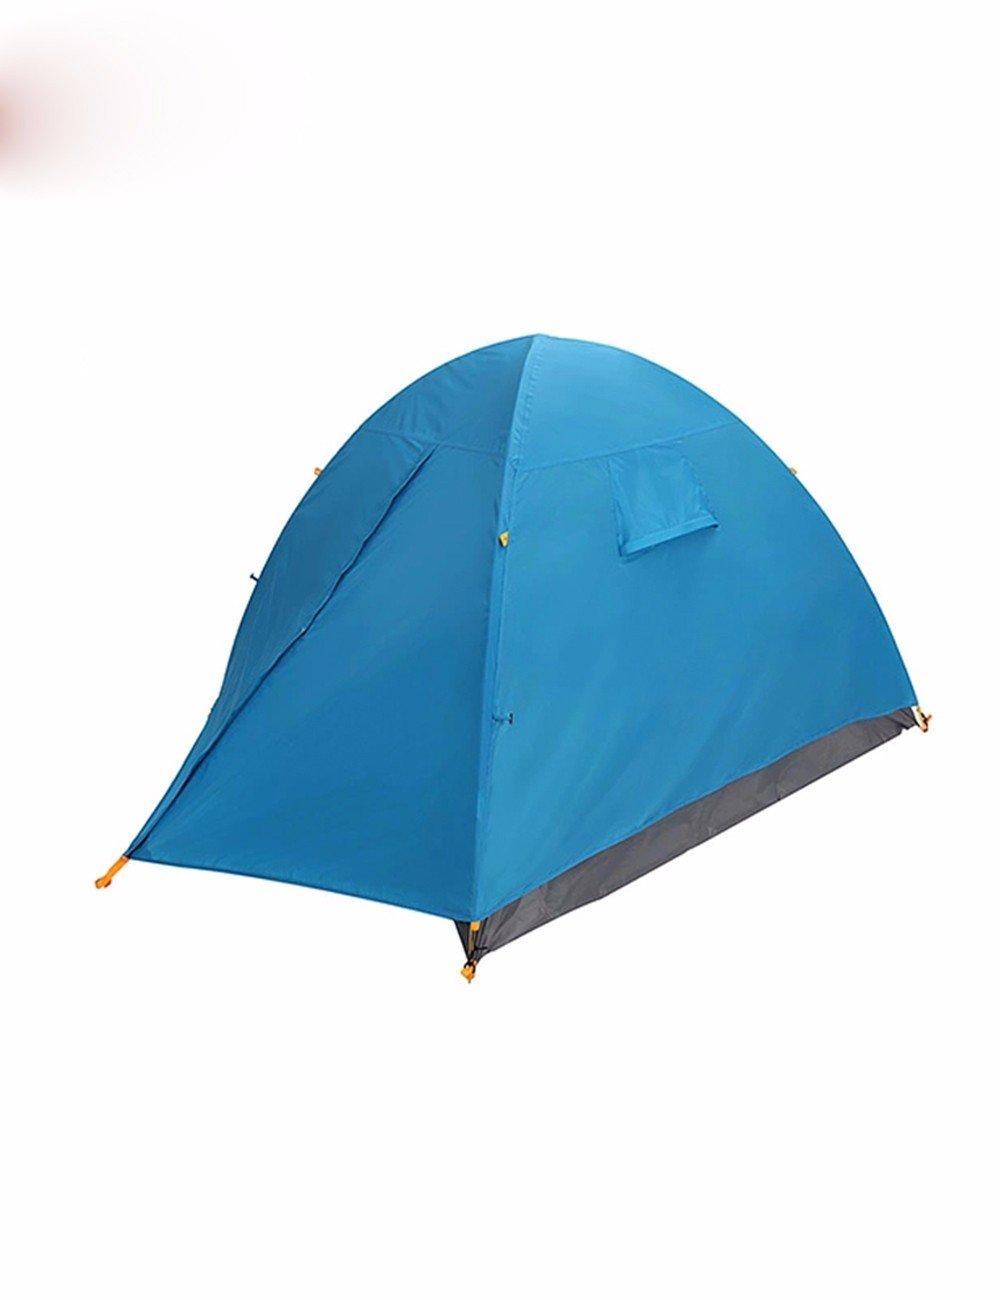 SJQKA-Zelt Outdoor Camping Strand Tour winddicht Regenschutz 3 Etagenbetten Zelt